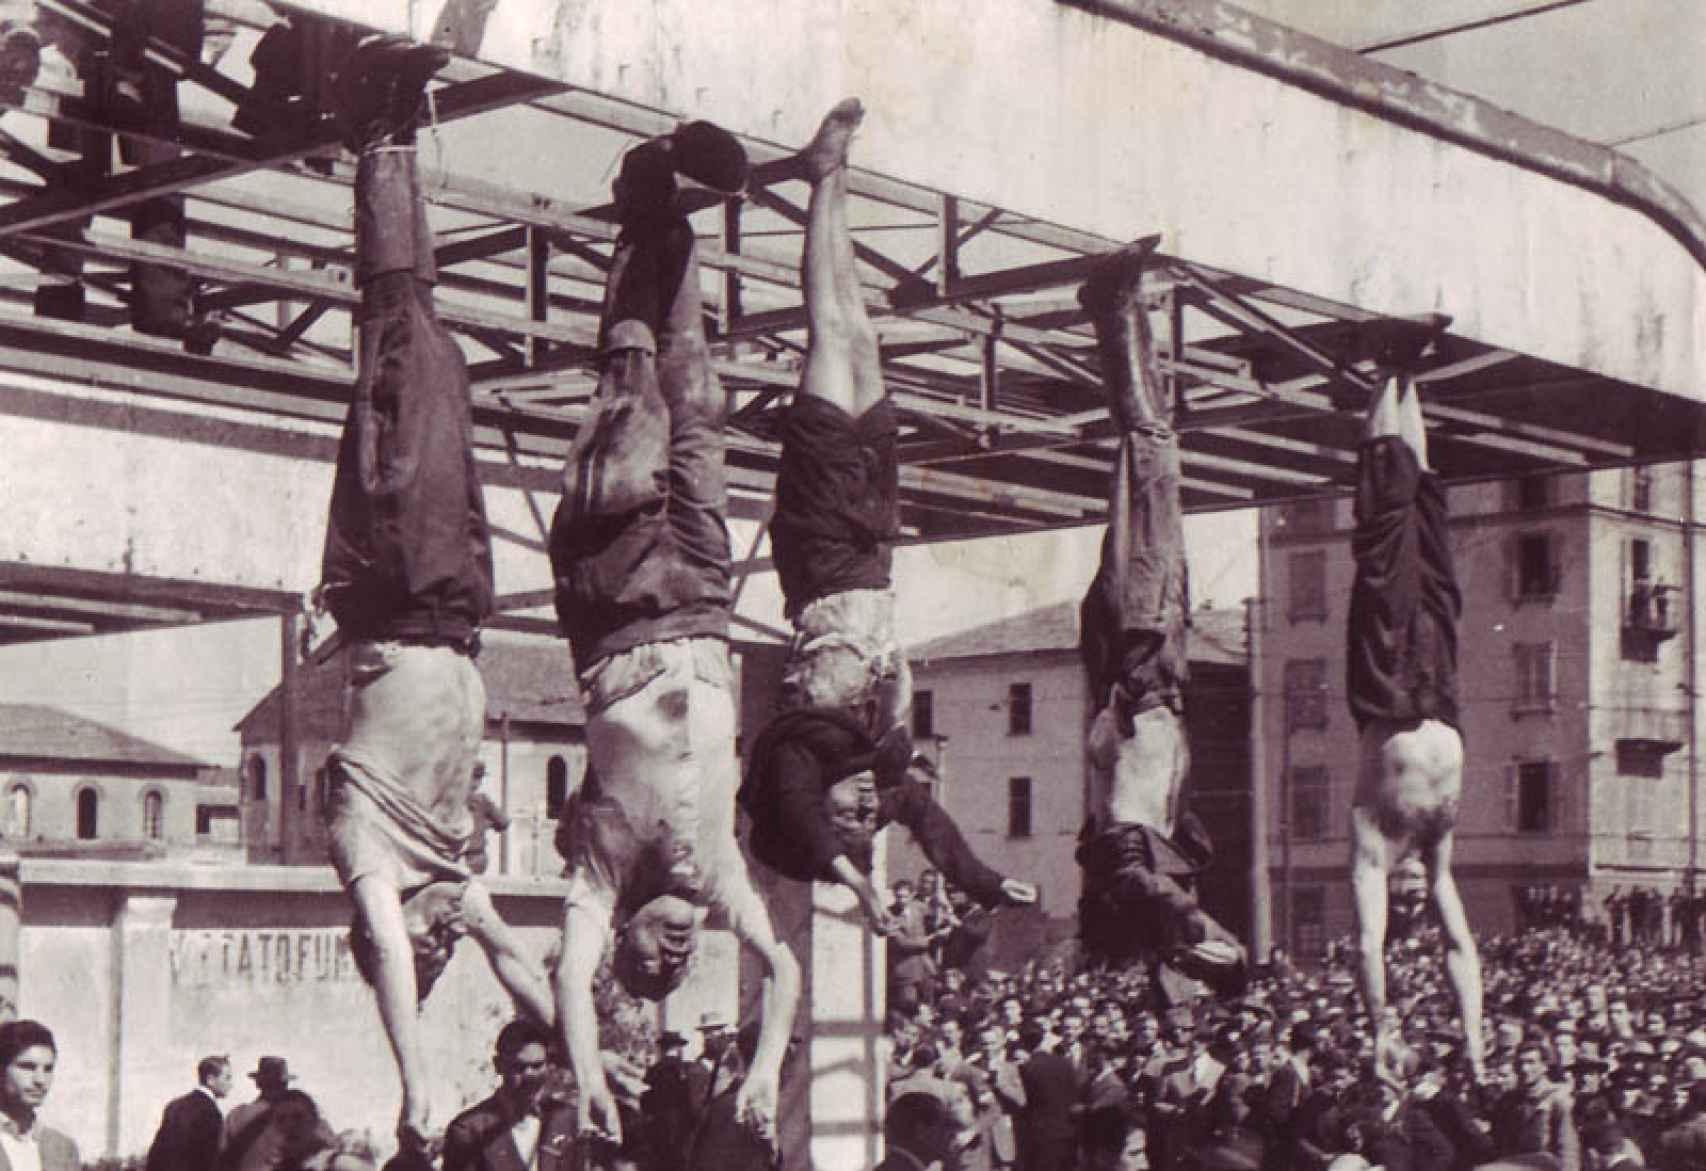 De Izquierda a derecha: Nicola Bombacci, Benito Mussolini, Clara Petacci, Alessandro Pavolini y  Achille Starace, siendo exhibidos en la Plaza de Loreto en la ciudad de Milán el año 1945.